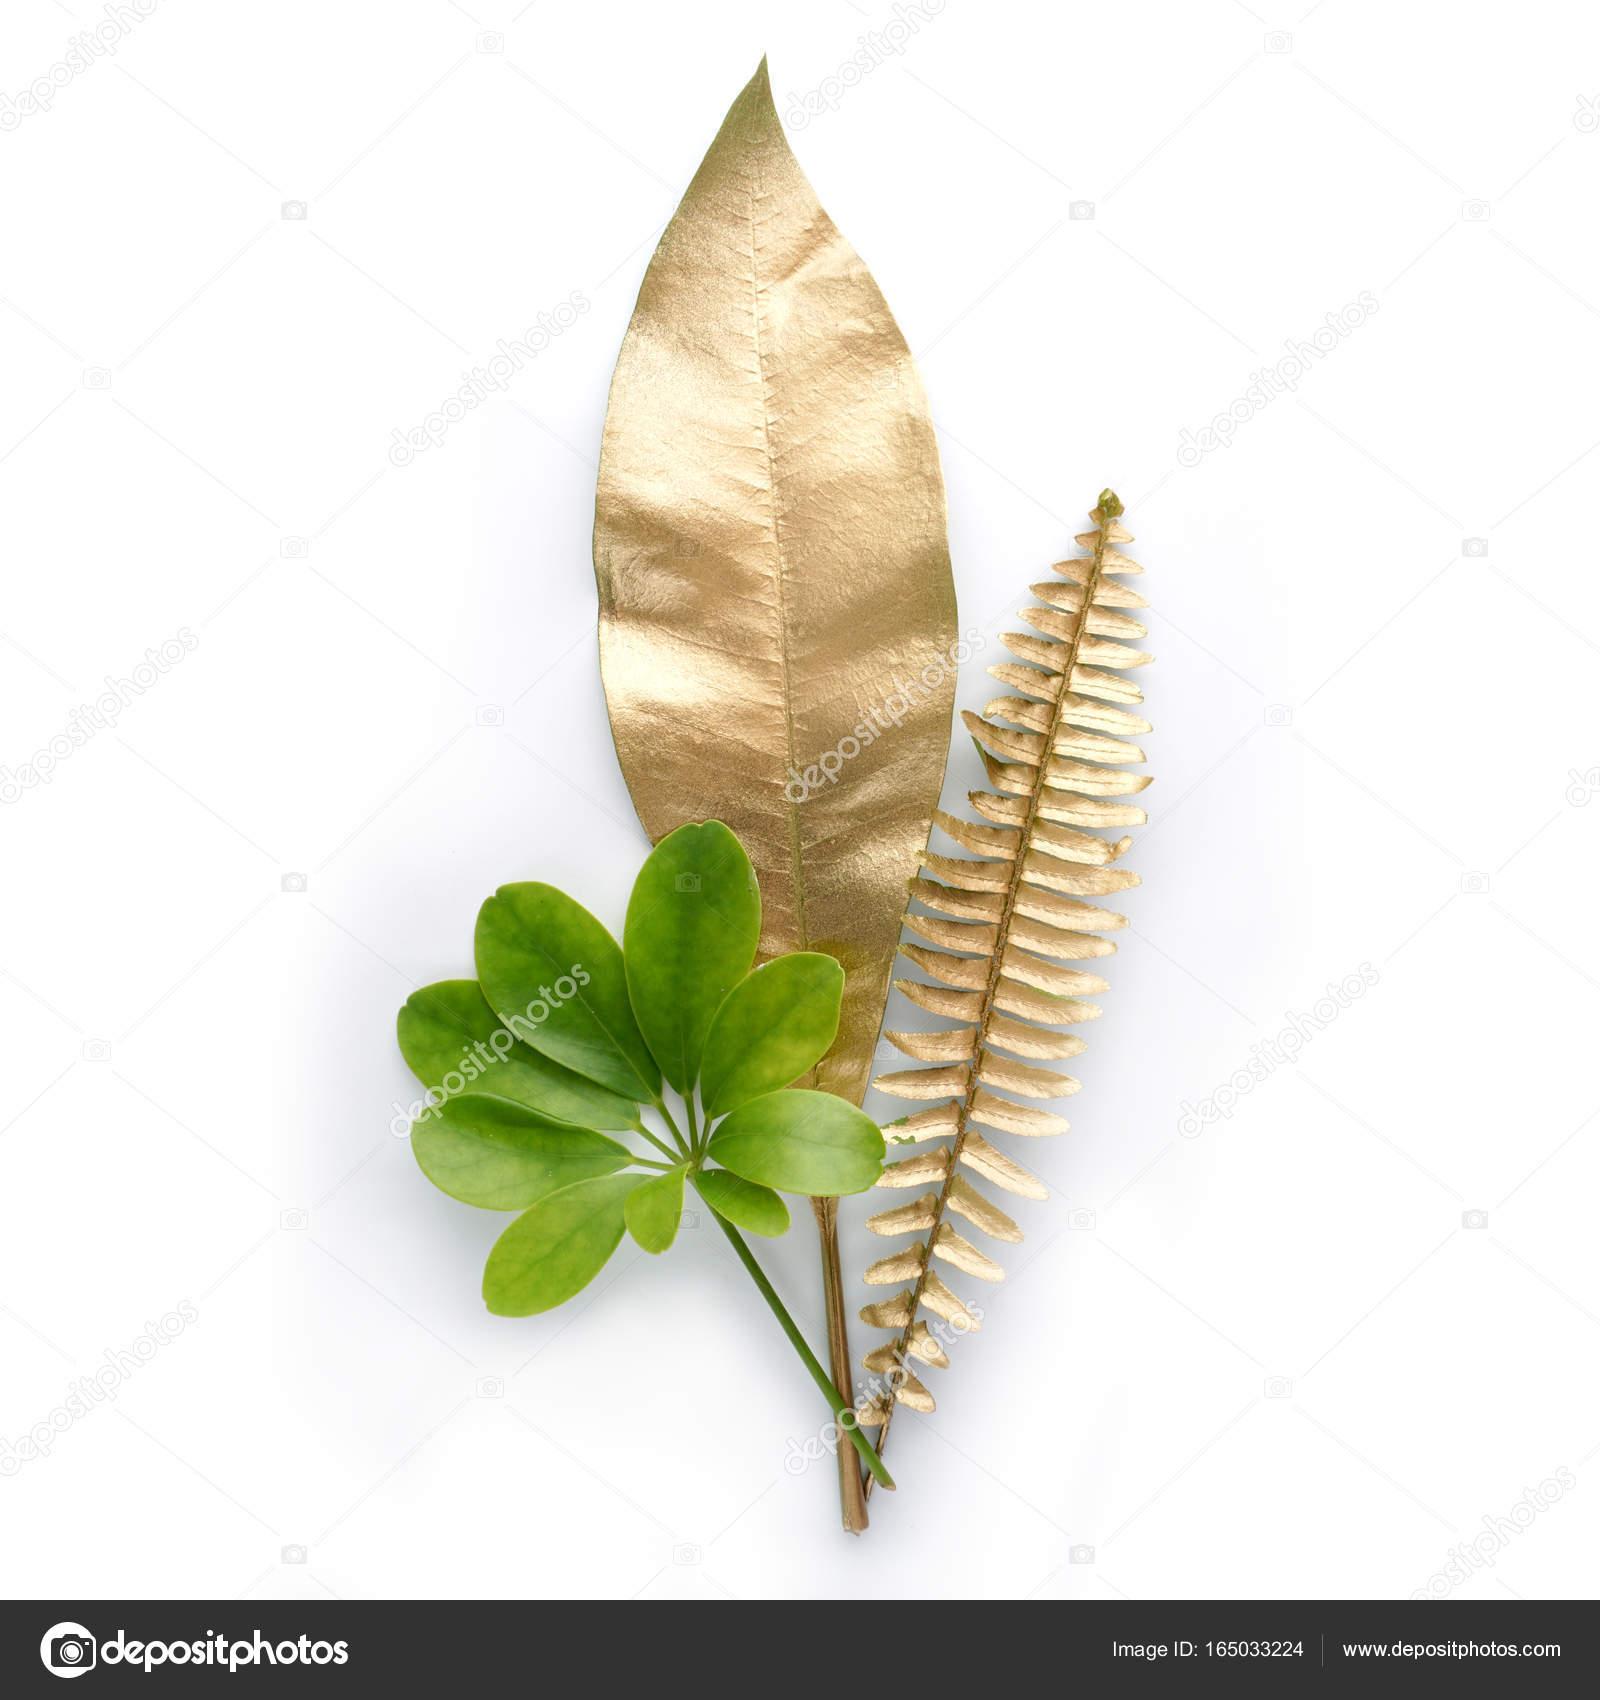 Goldene und grüne blatt design elemente deko elemente für die einladung hochzeit karten valentinstag grußkarten isoliert auf weißem hintergrund foto